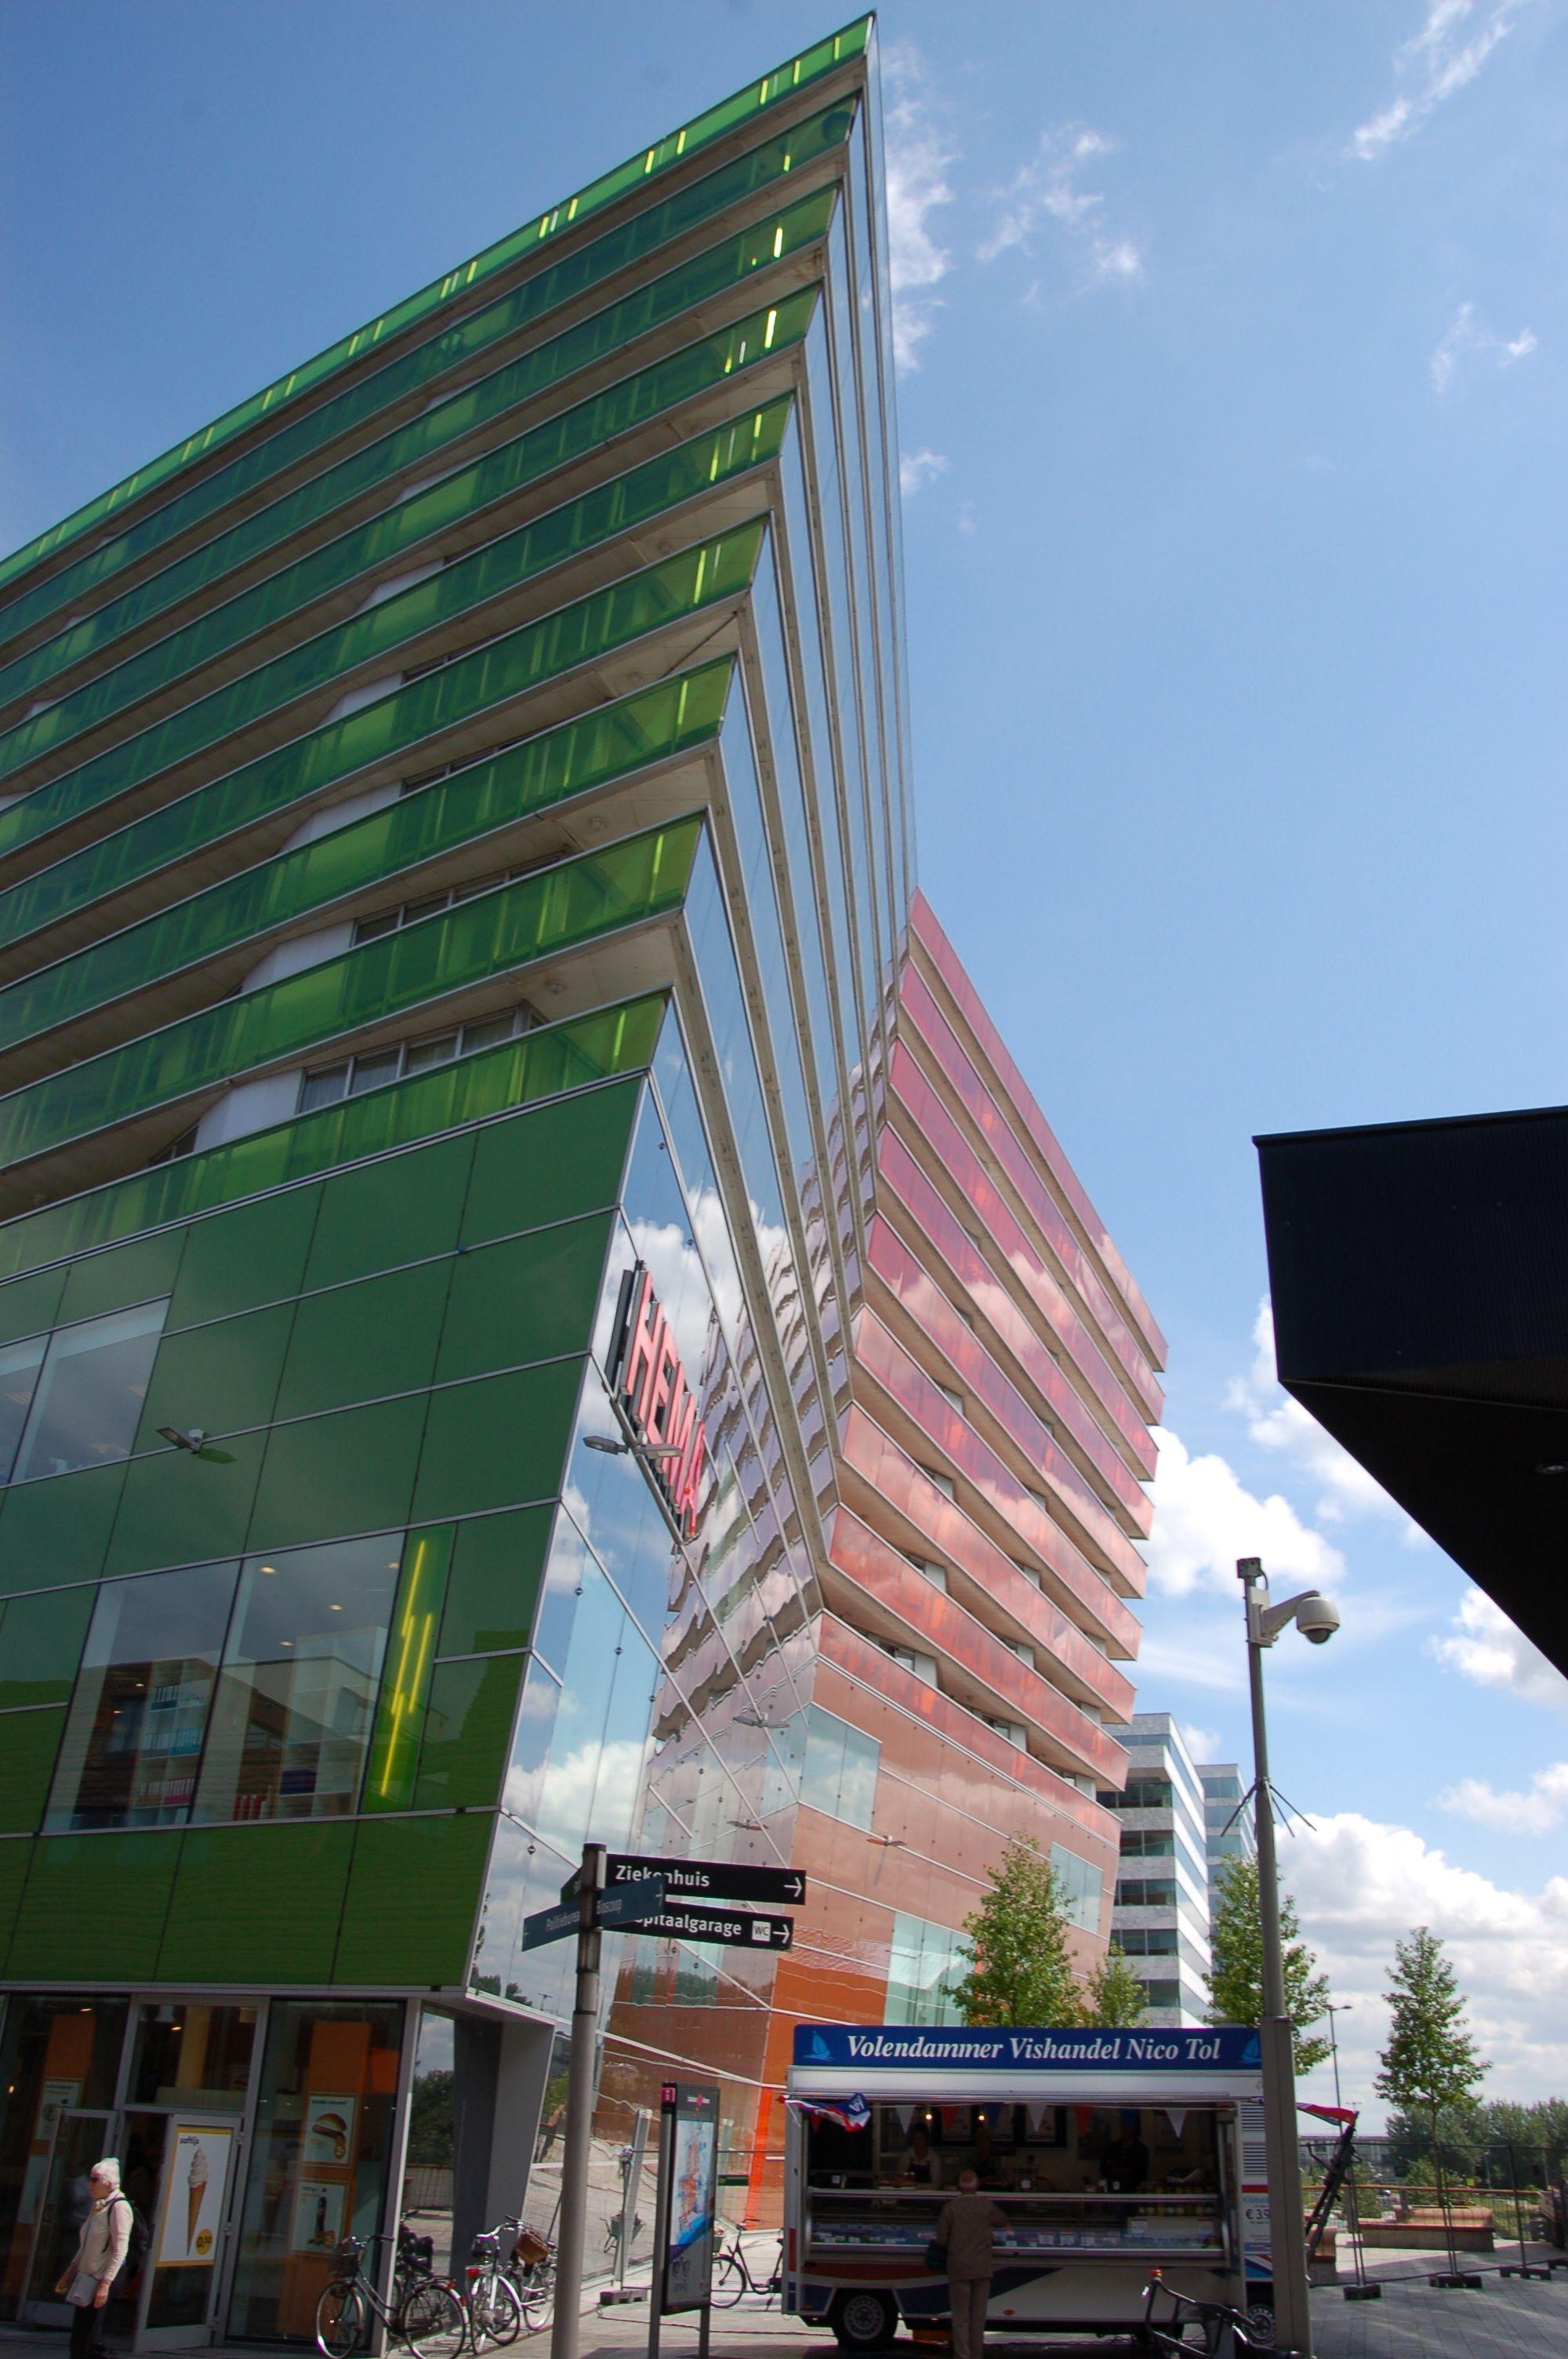 """Platz für das wichtigste bleibt trotz allen Fassadenzaubers auch in Almere: Die Bude, wo """"Hollands Nieuwe"""" aus Voldendam verkauft wird, darf nicht fehlen. (Bild: Ralf Johnen)"""